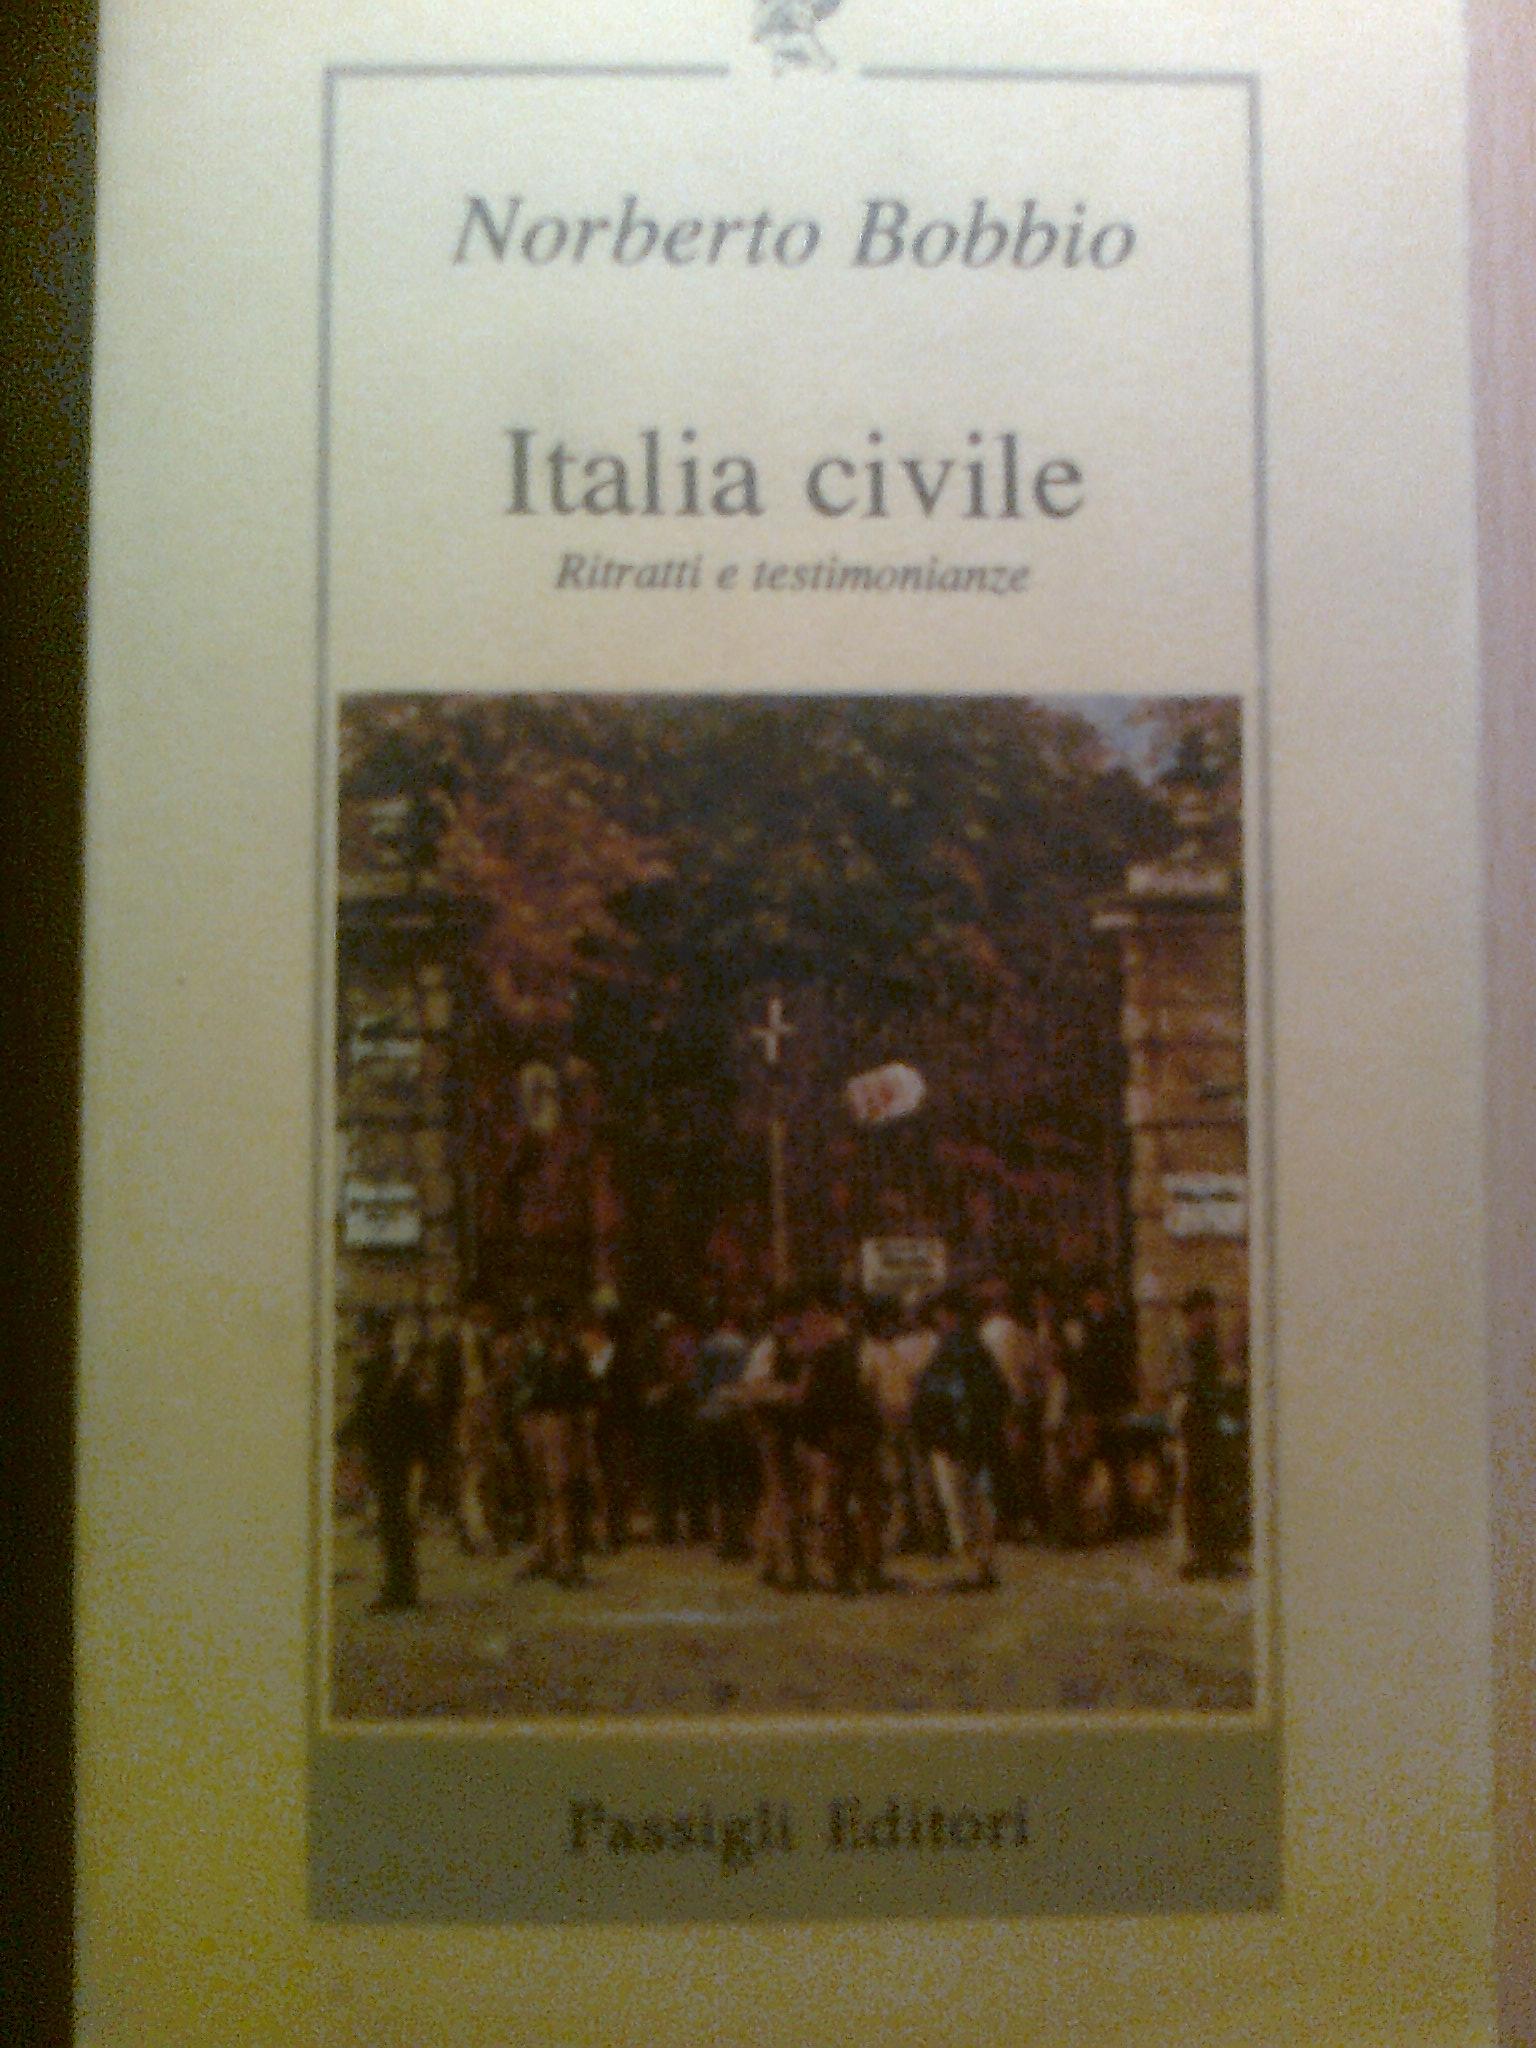 Italia civile